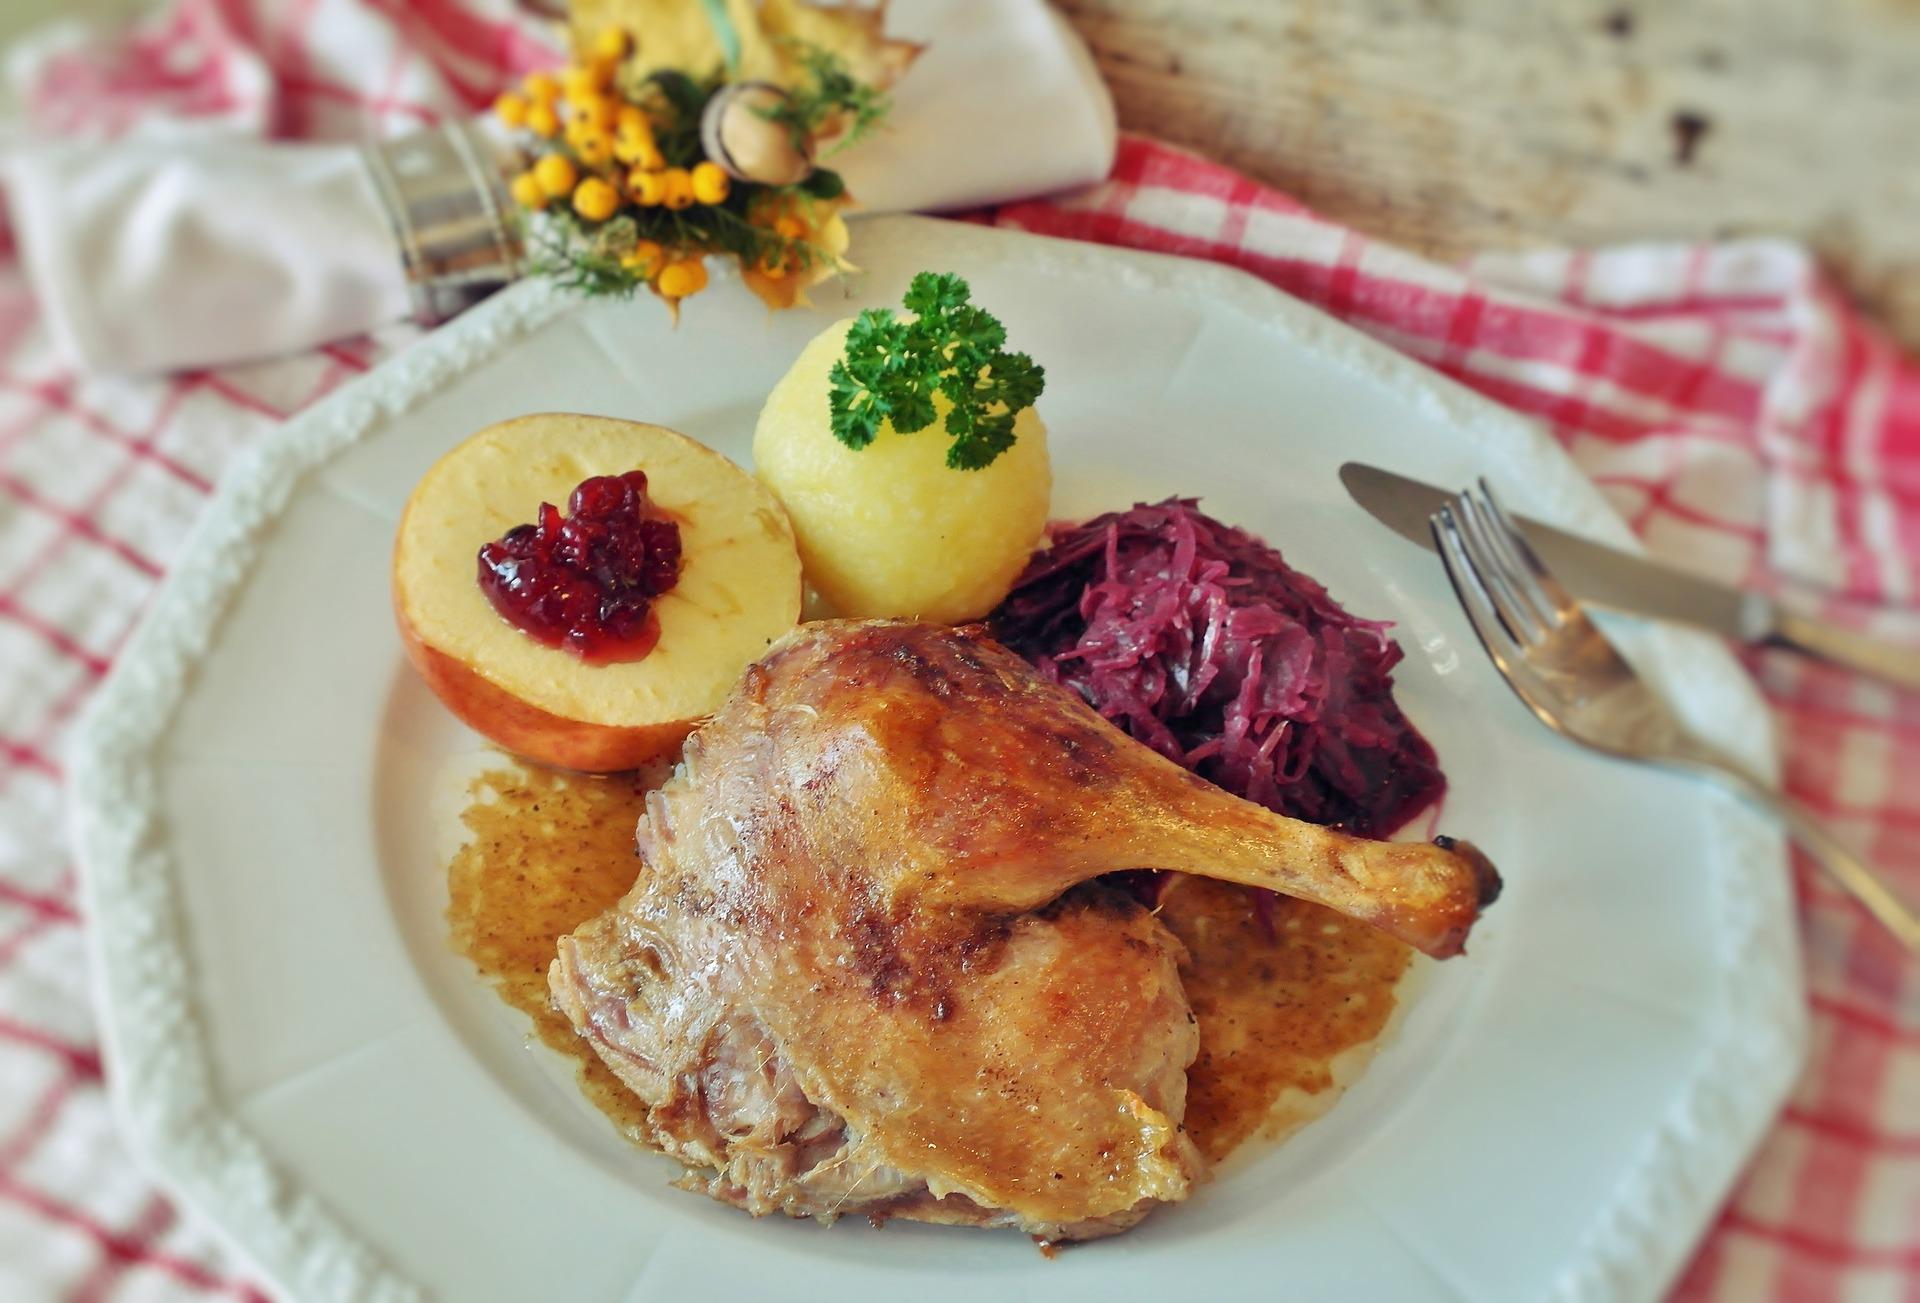 Entenbraten mit Blaukraut, Kartoffelknödel und Apfel als Beilage.